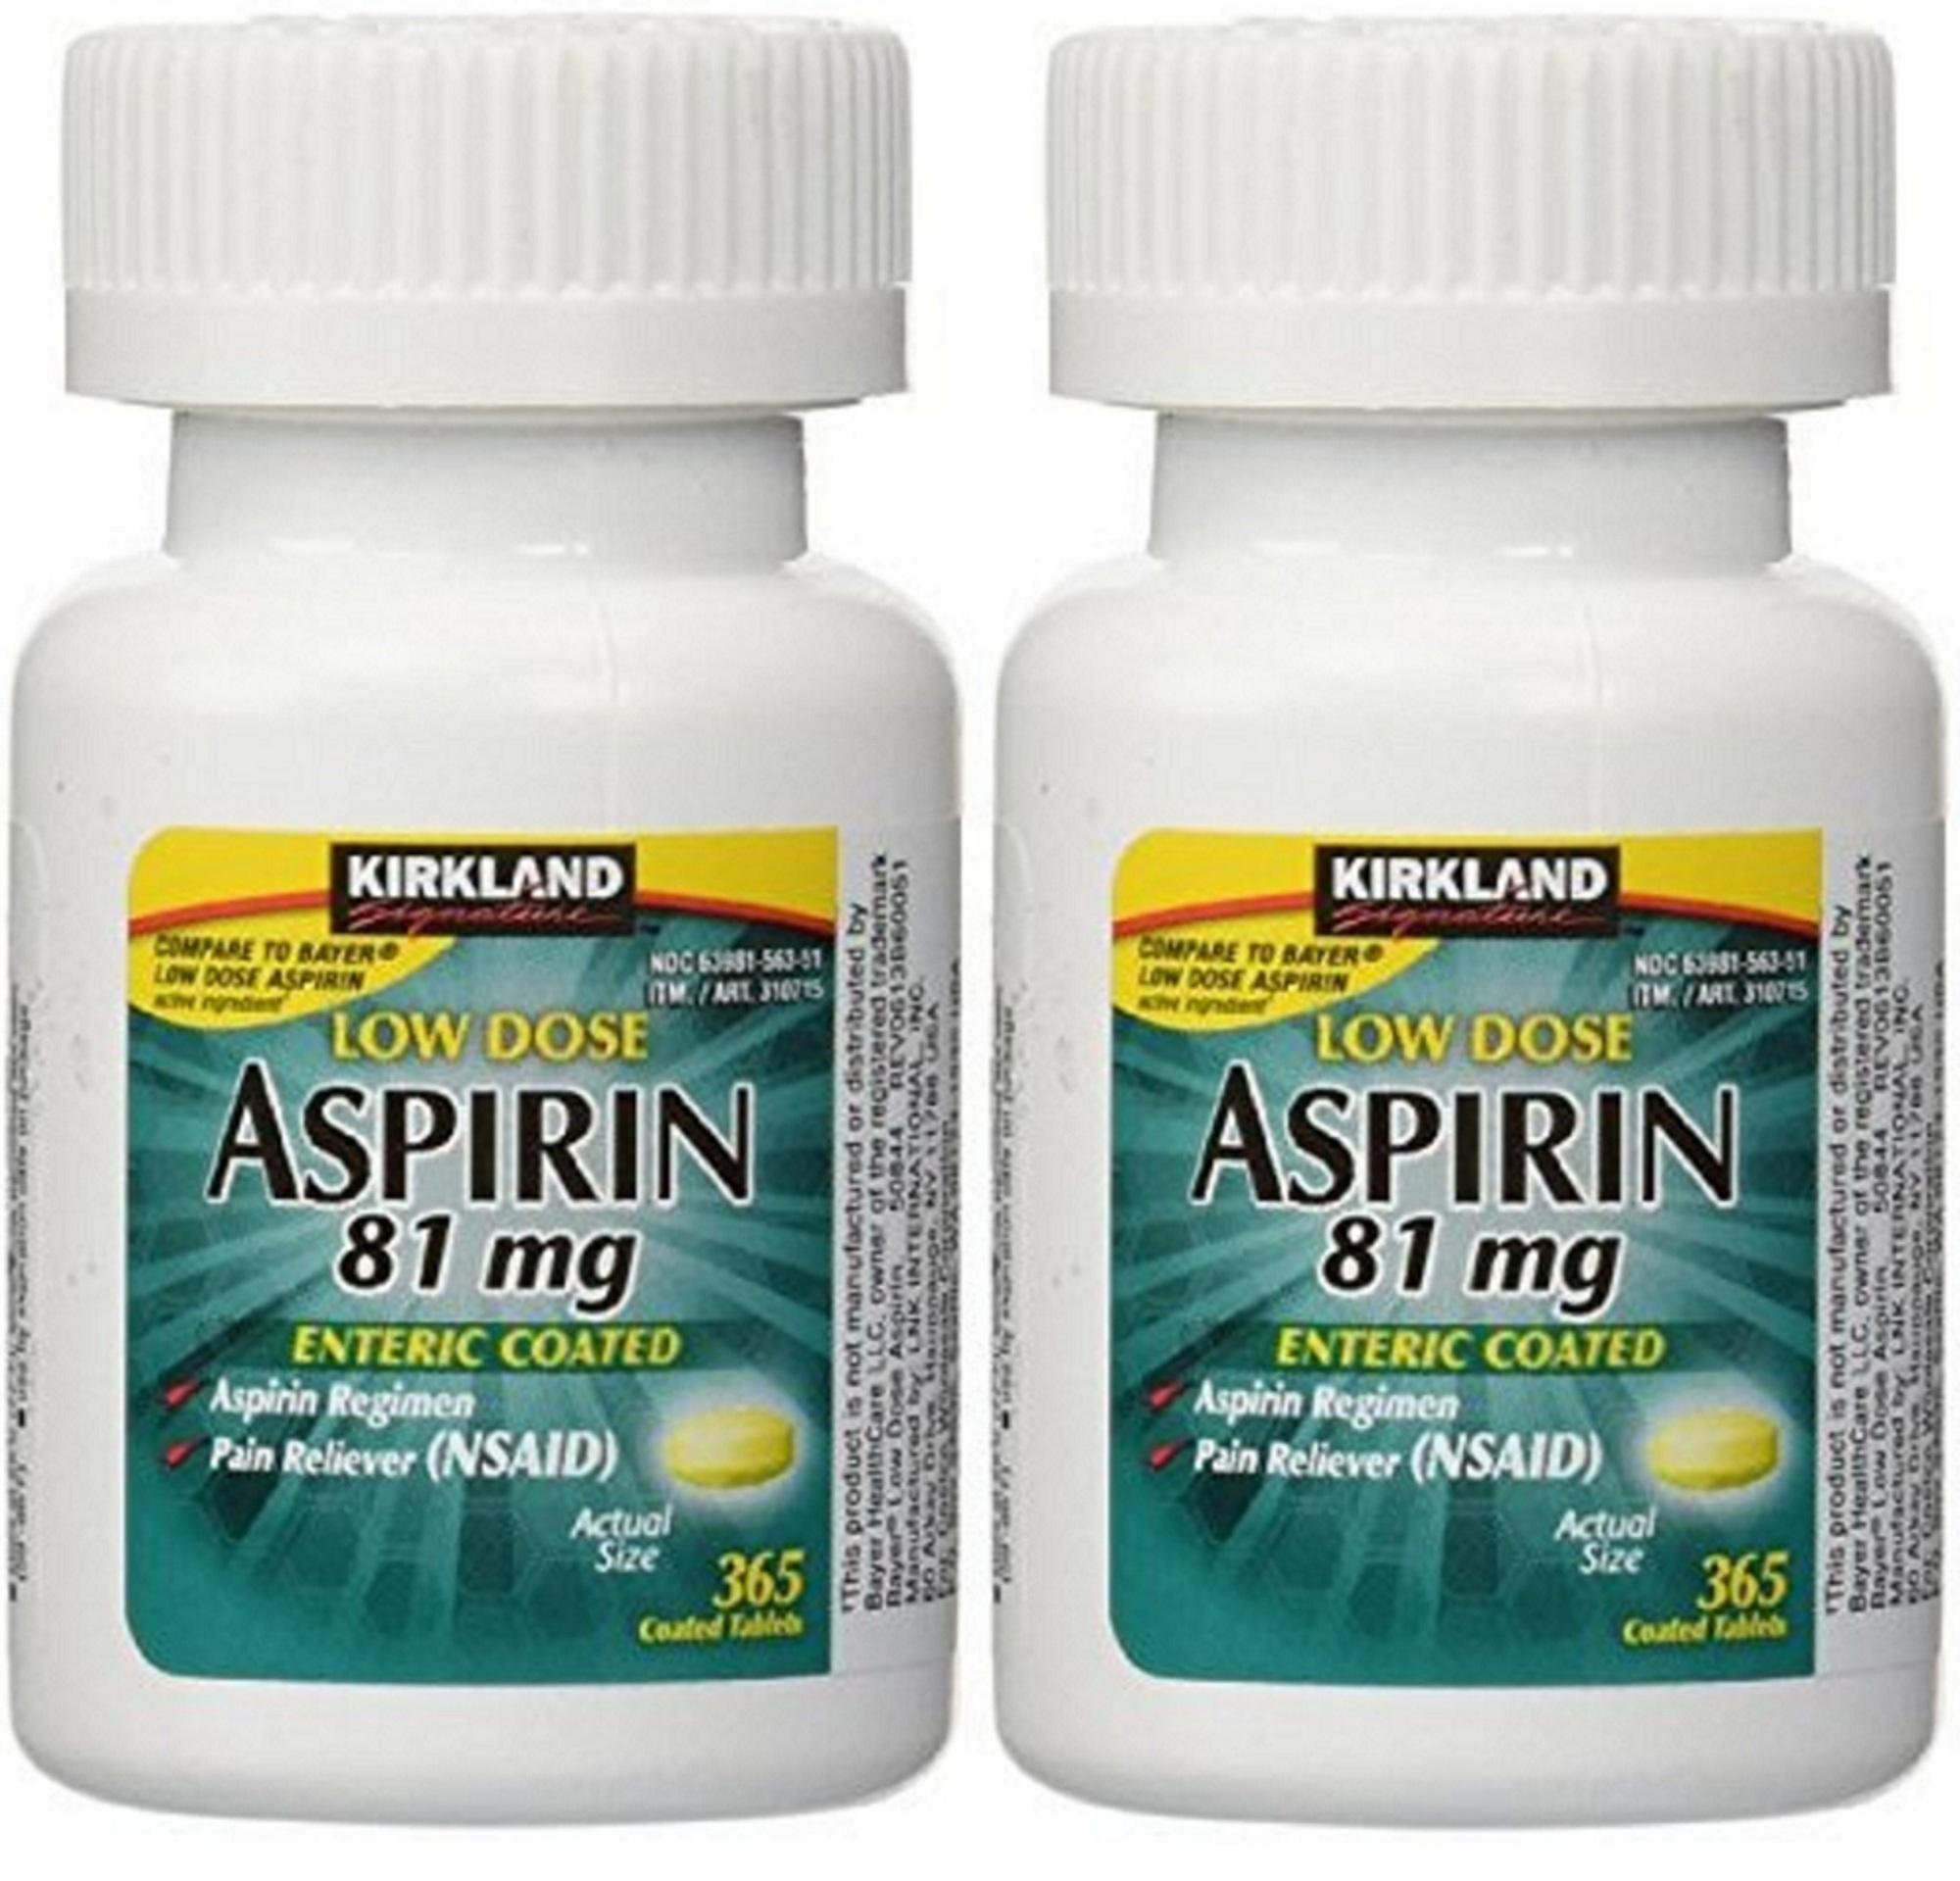 Aspirin - Wikipedia